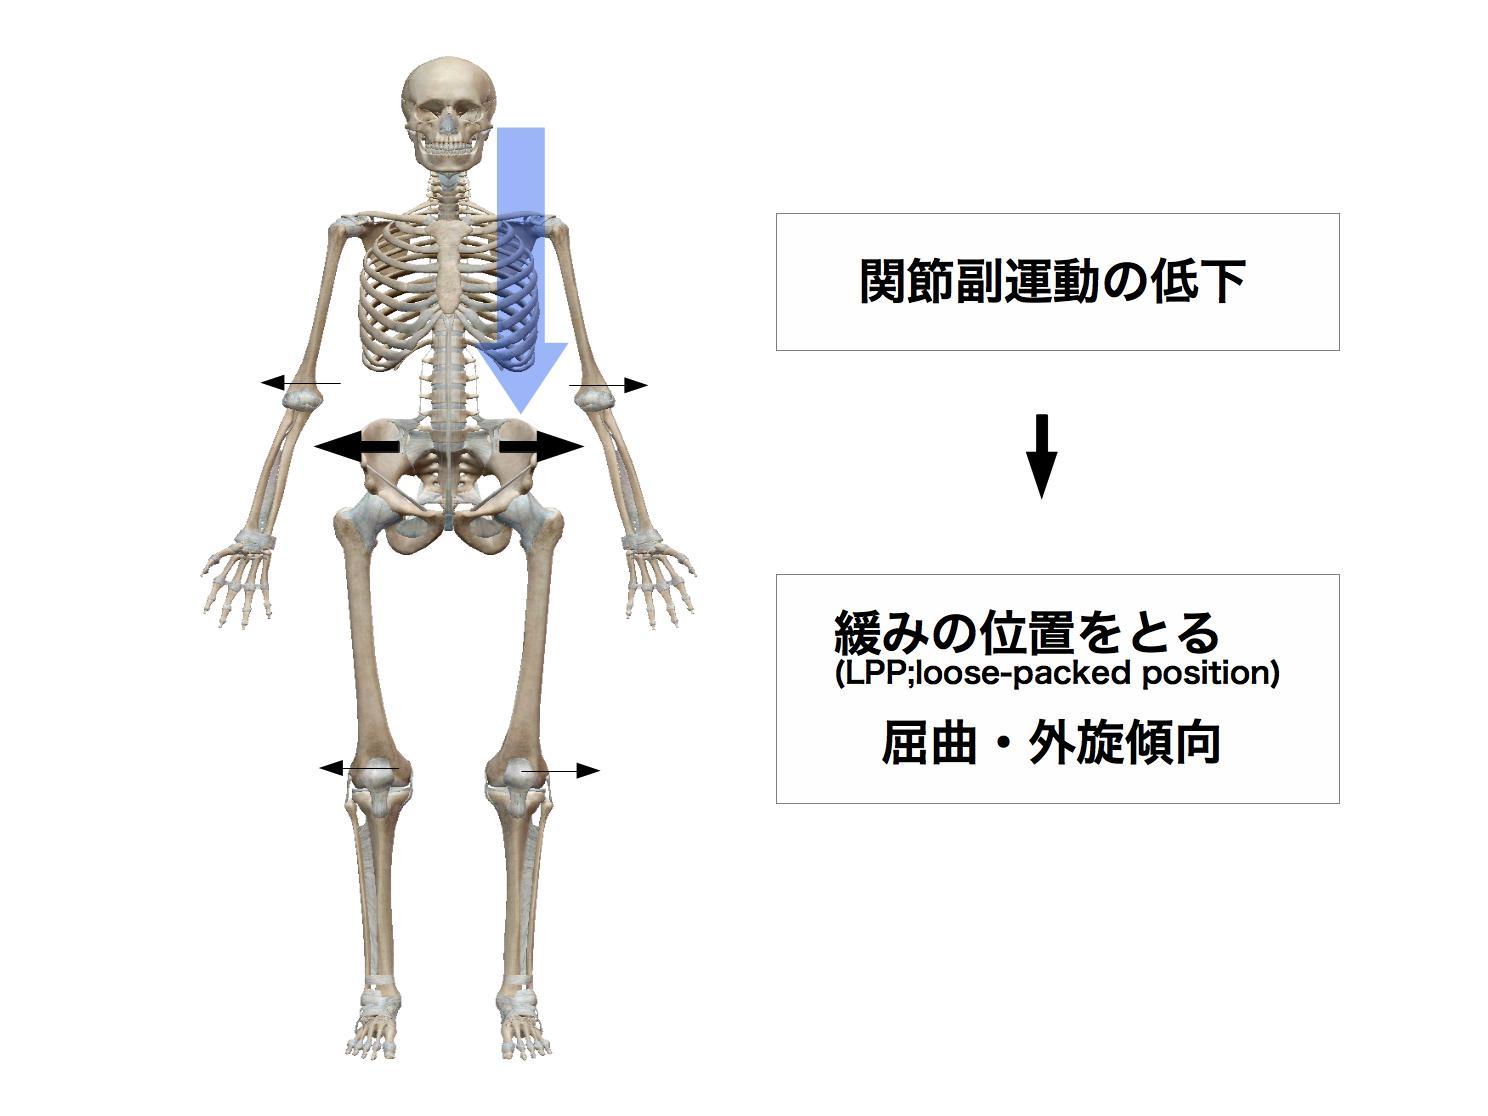 姿勢と関節の位置